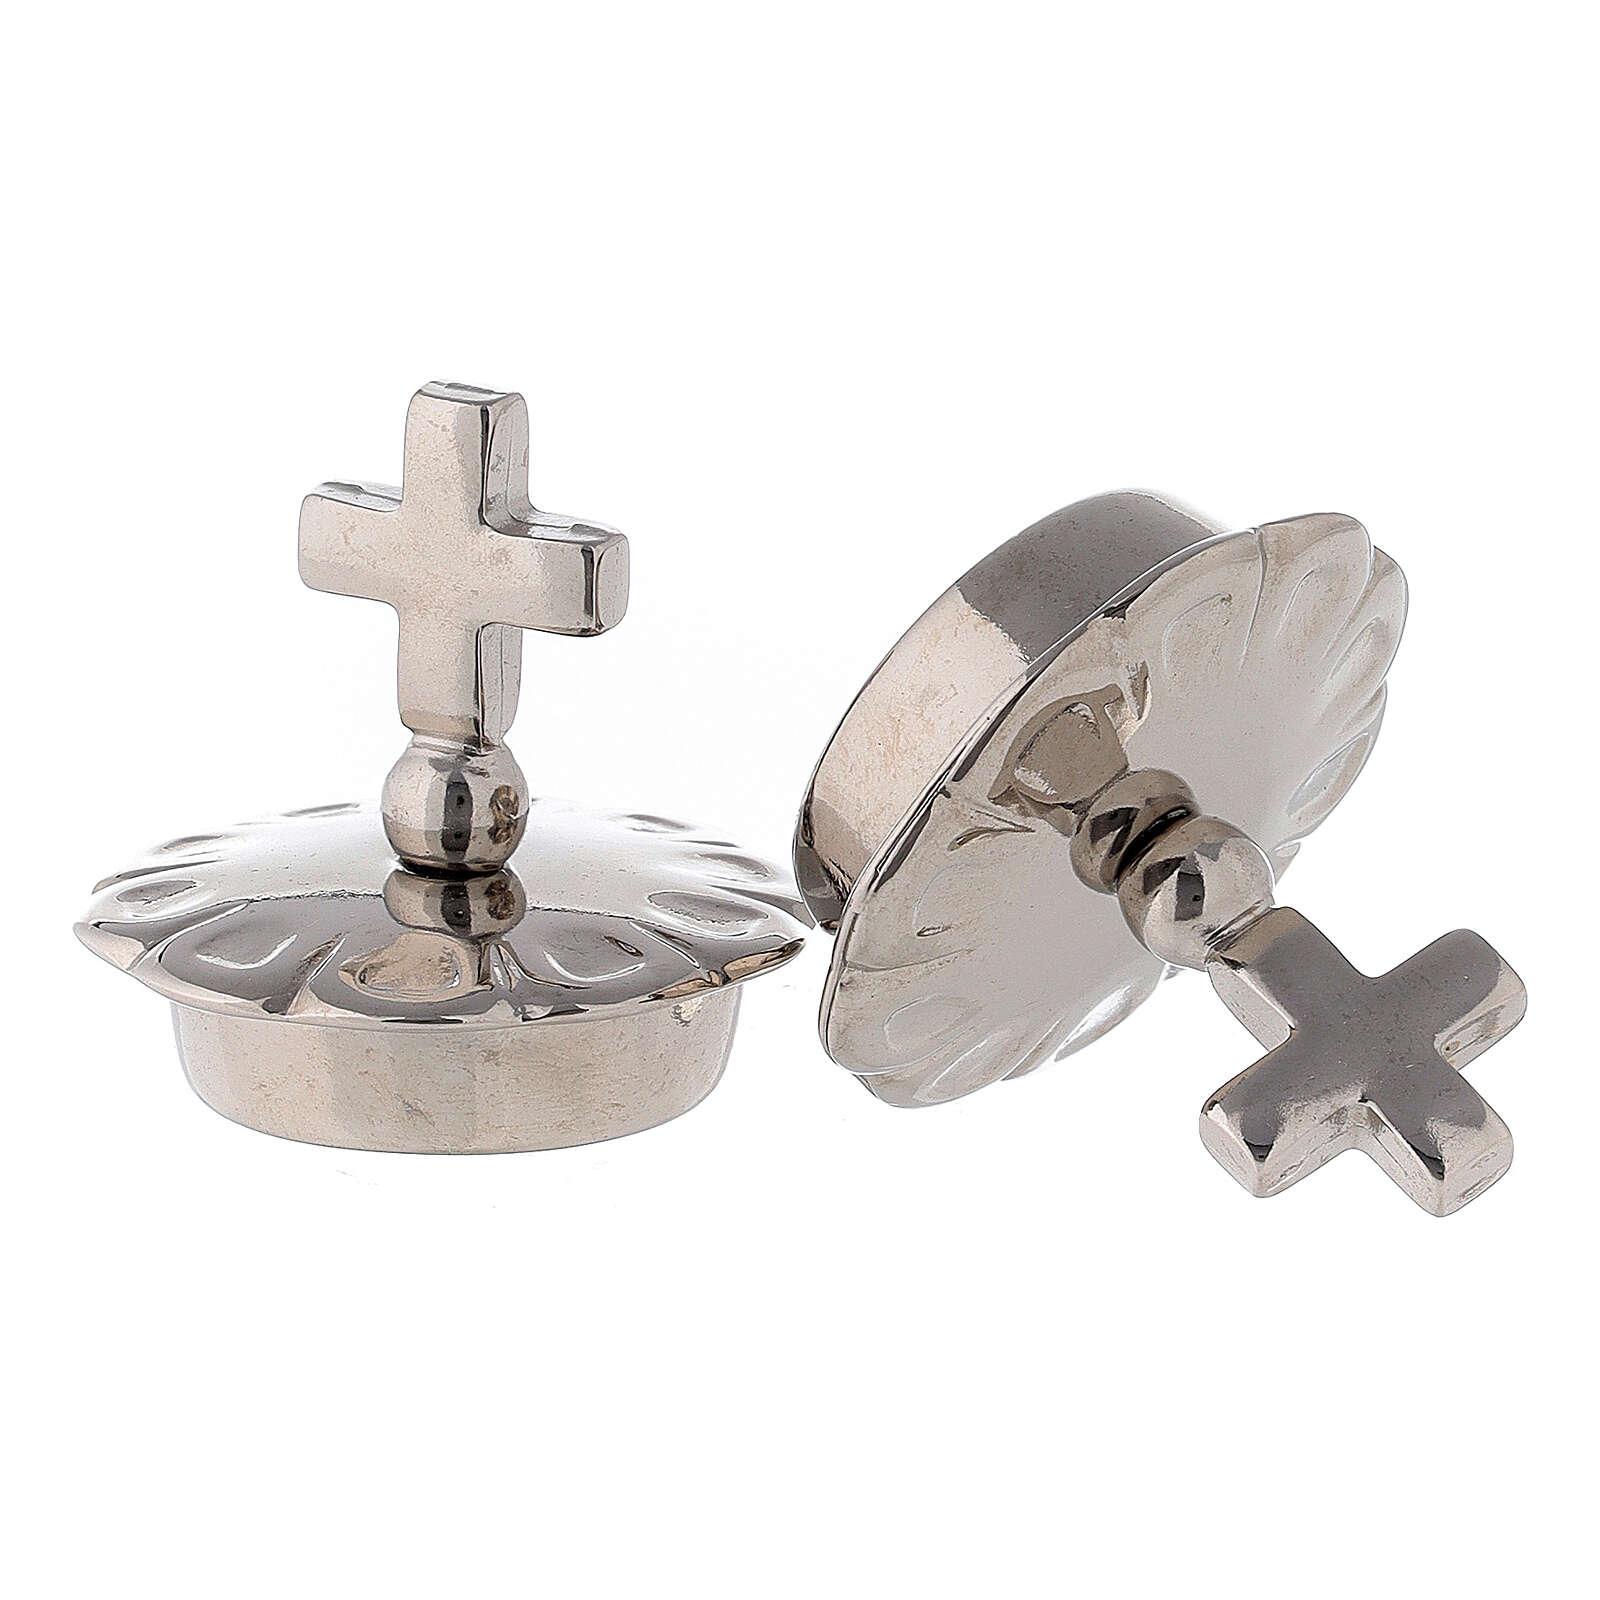 Bouchons croix simple pour burettes Palerme - Ravenne - Parme 4